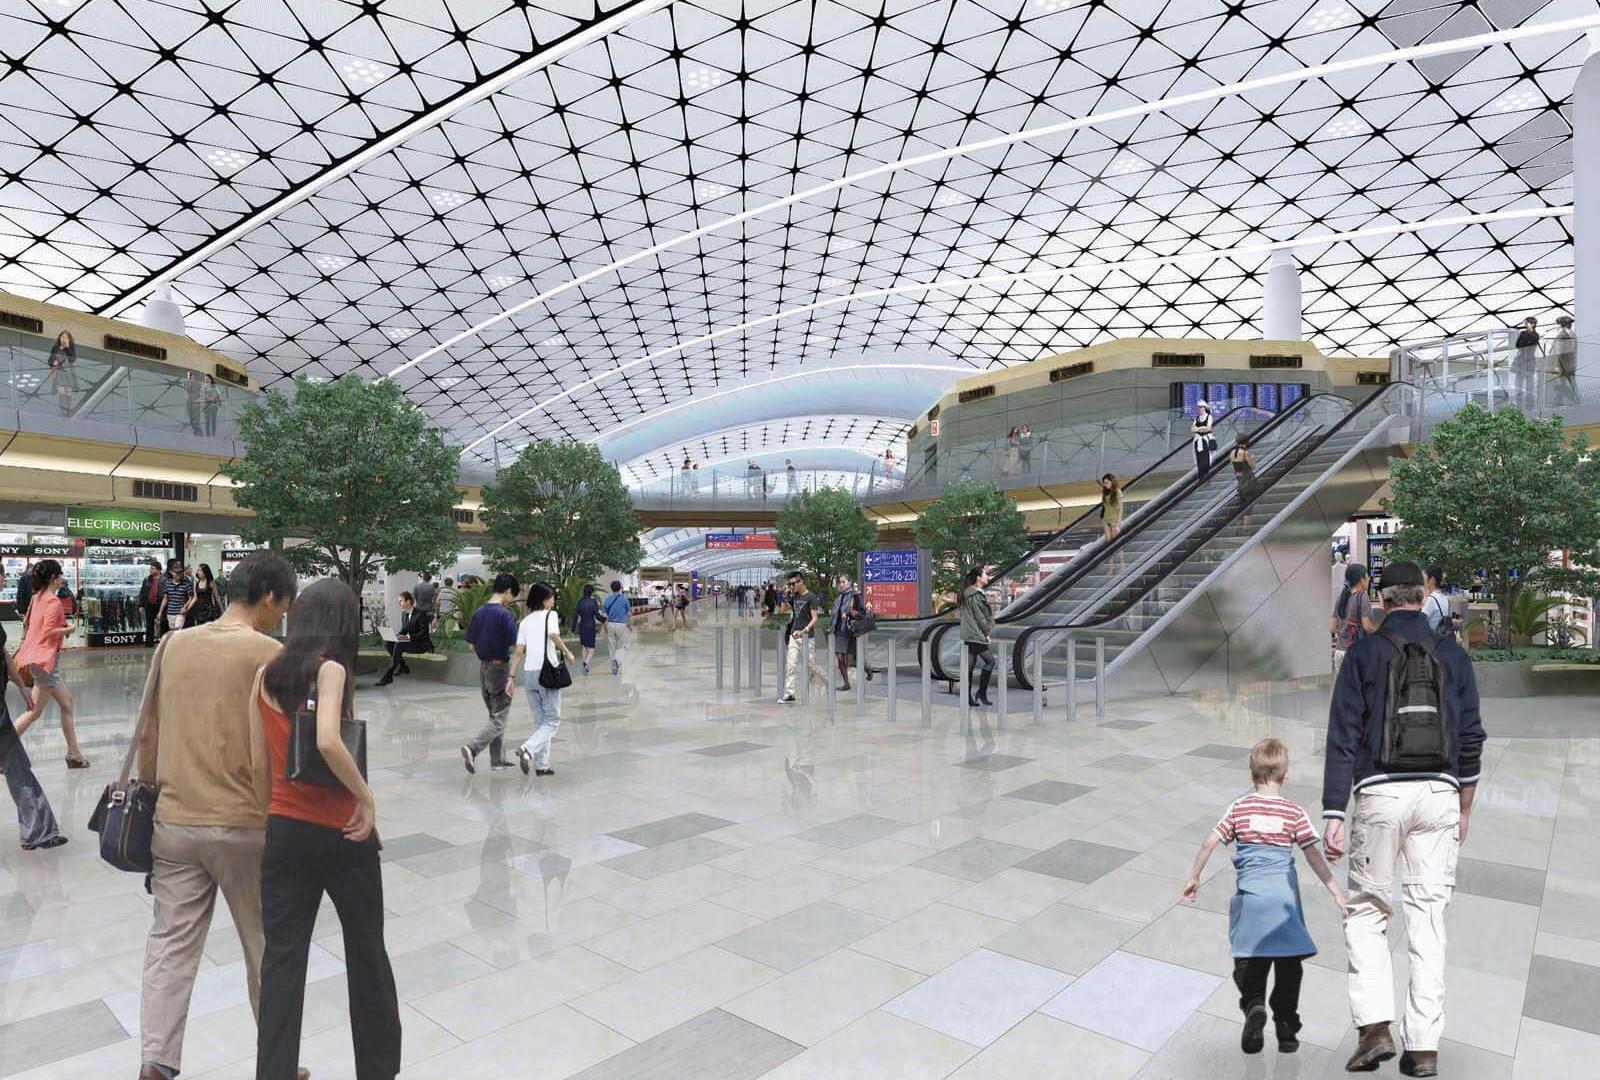 hk airport interior.jpg